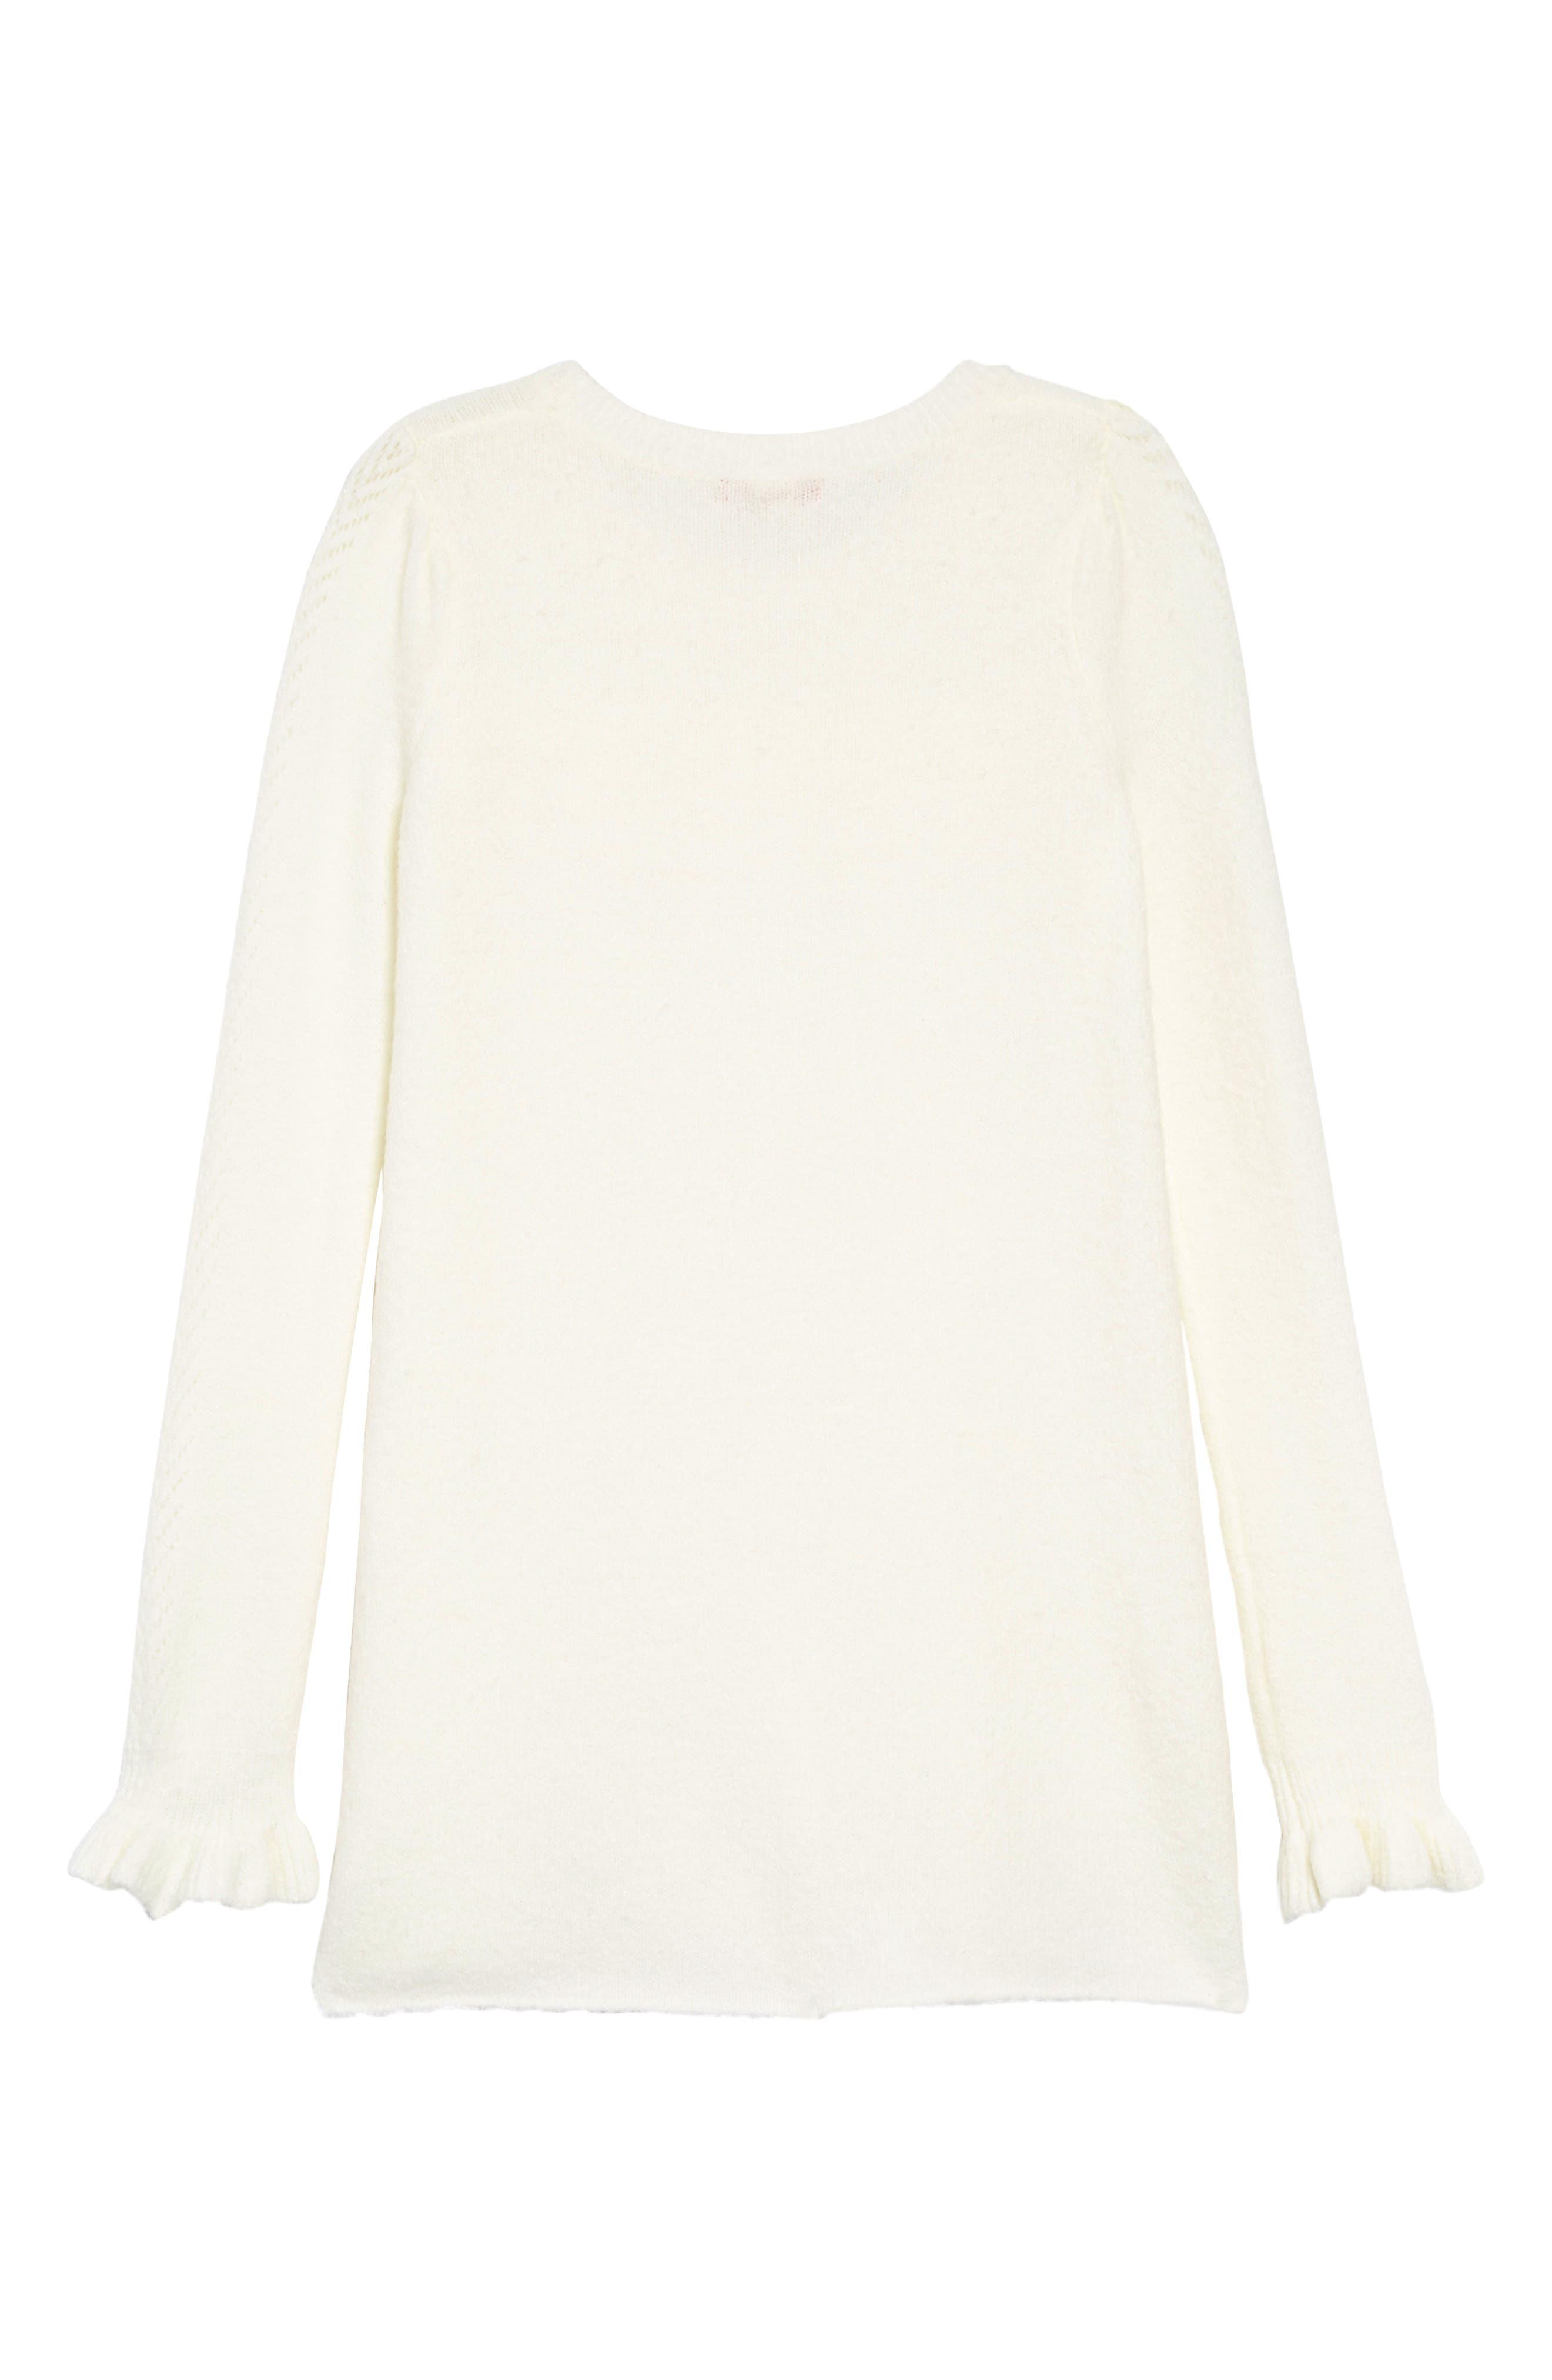 Pointelle Sweater Dress,                             Alternate thumbnail 2, color,                             IVORY EGRET